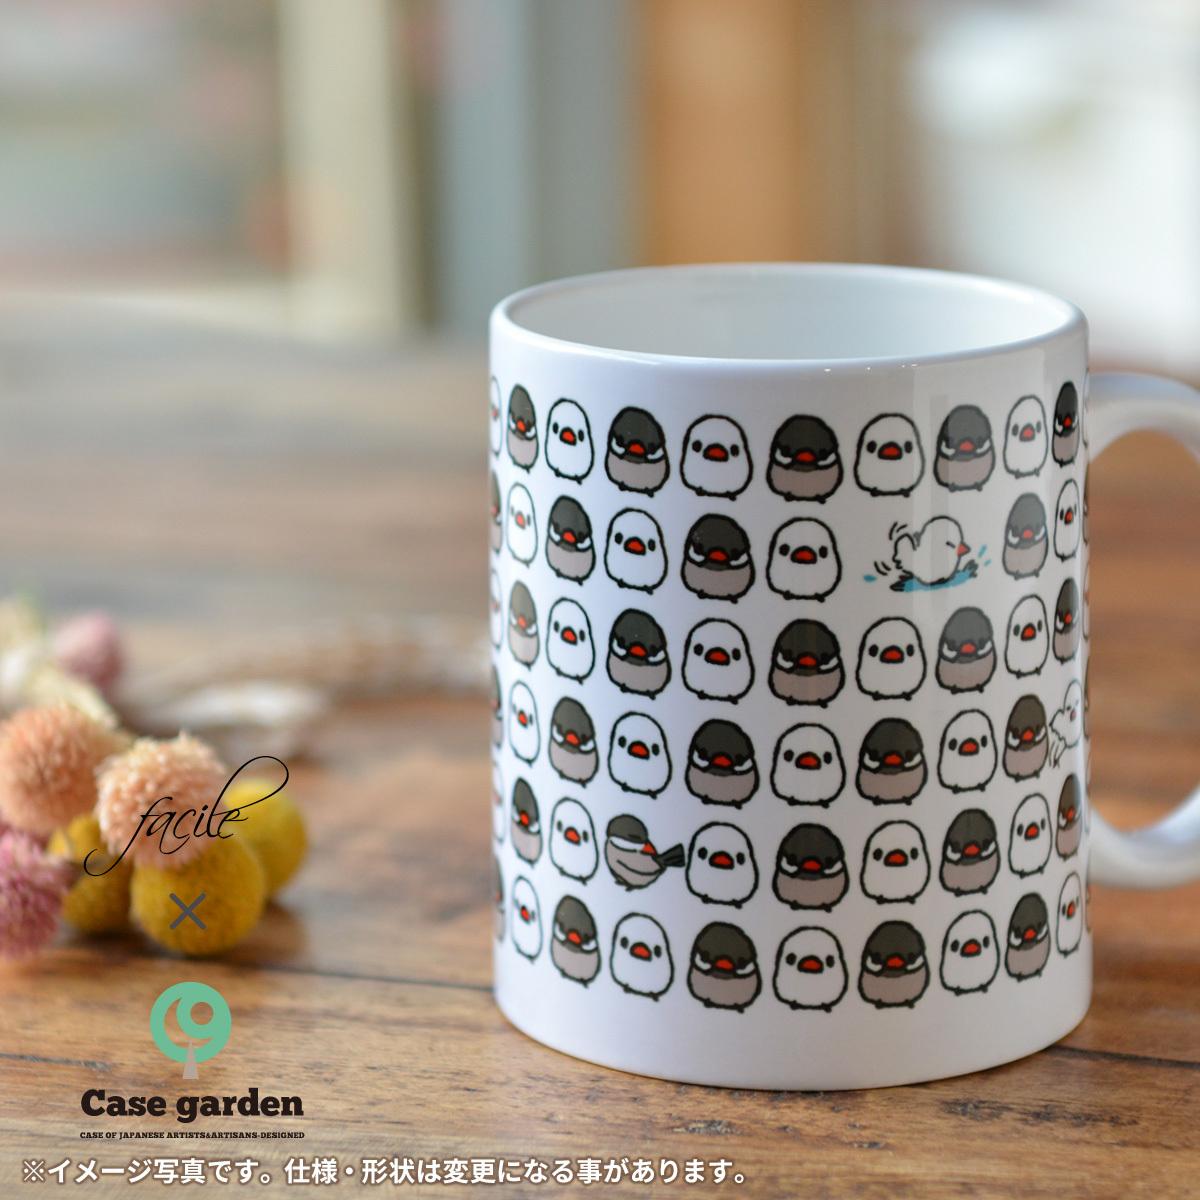 文鳥 マグカップ 文鳥 グッズ 可愛いマグカップ 文鳥 マグカップ 通販 販売 文鳥ラッシュ/facile×ケースガーデン